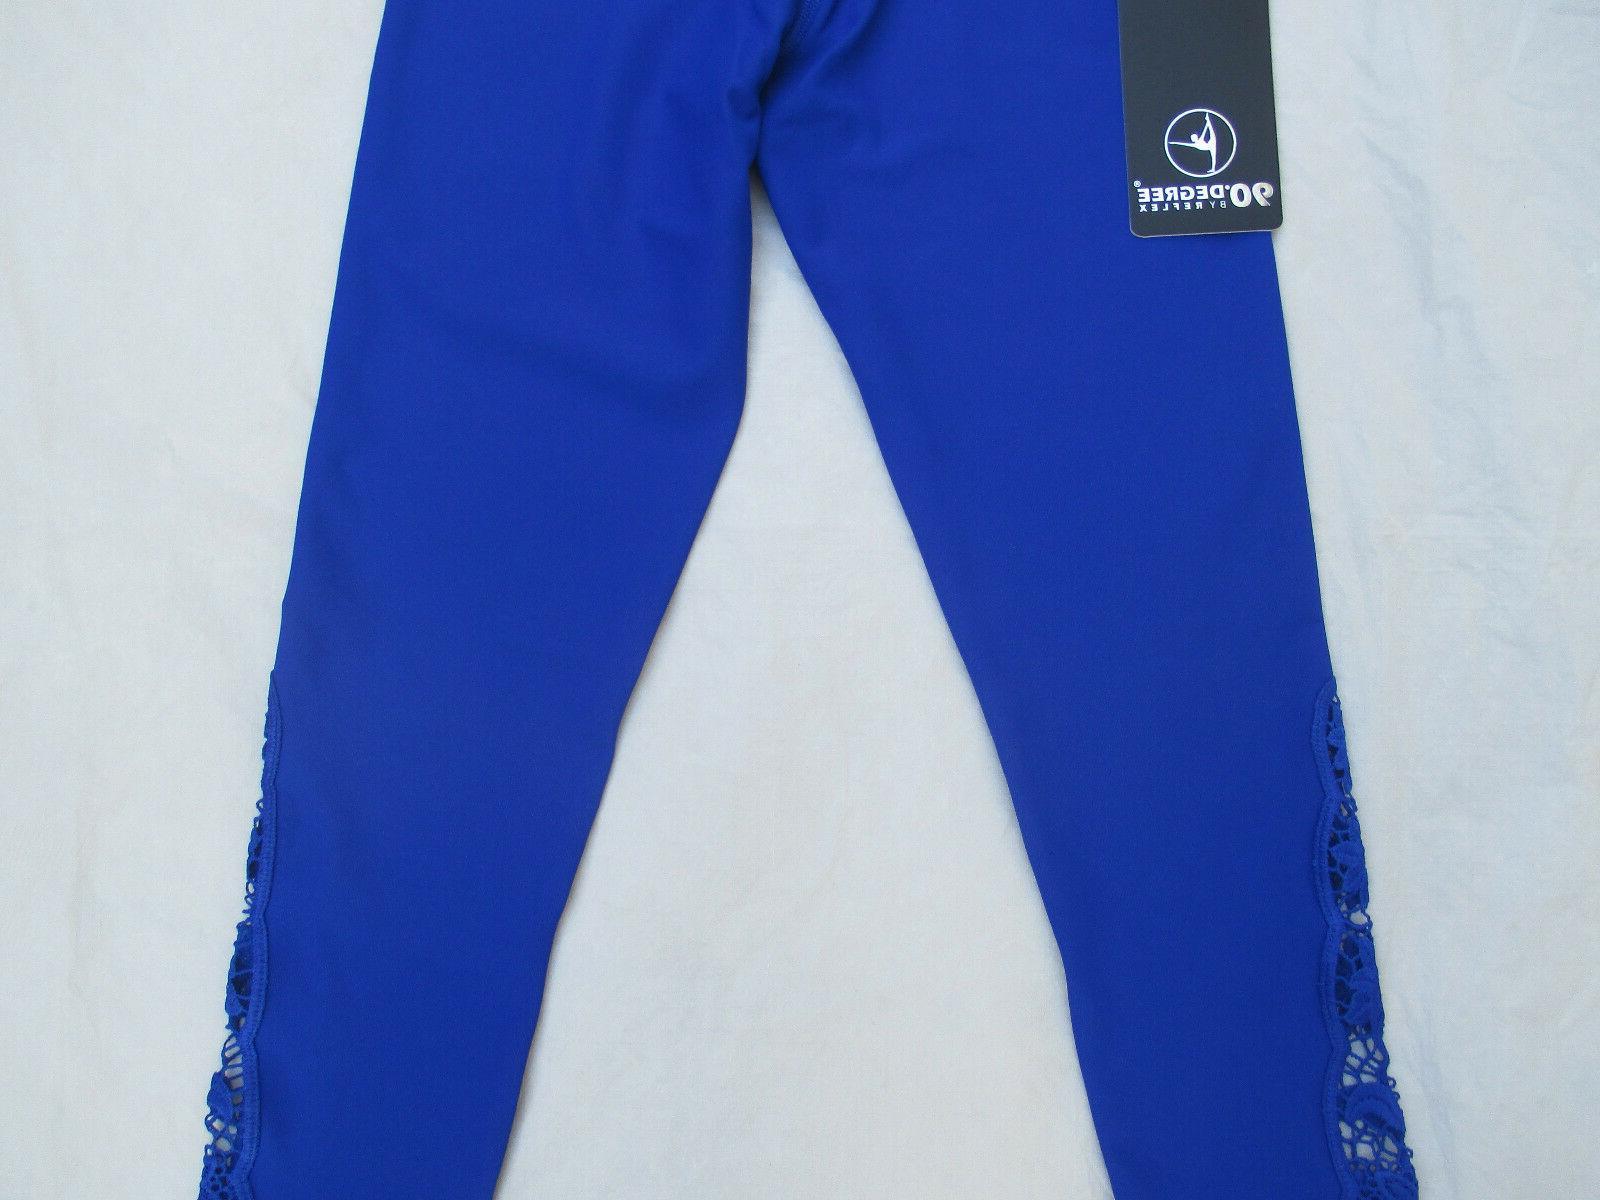 Legging Pants Degree By Reflex Women CW68040 Free